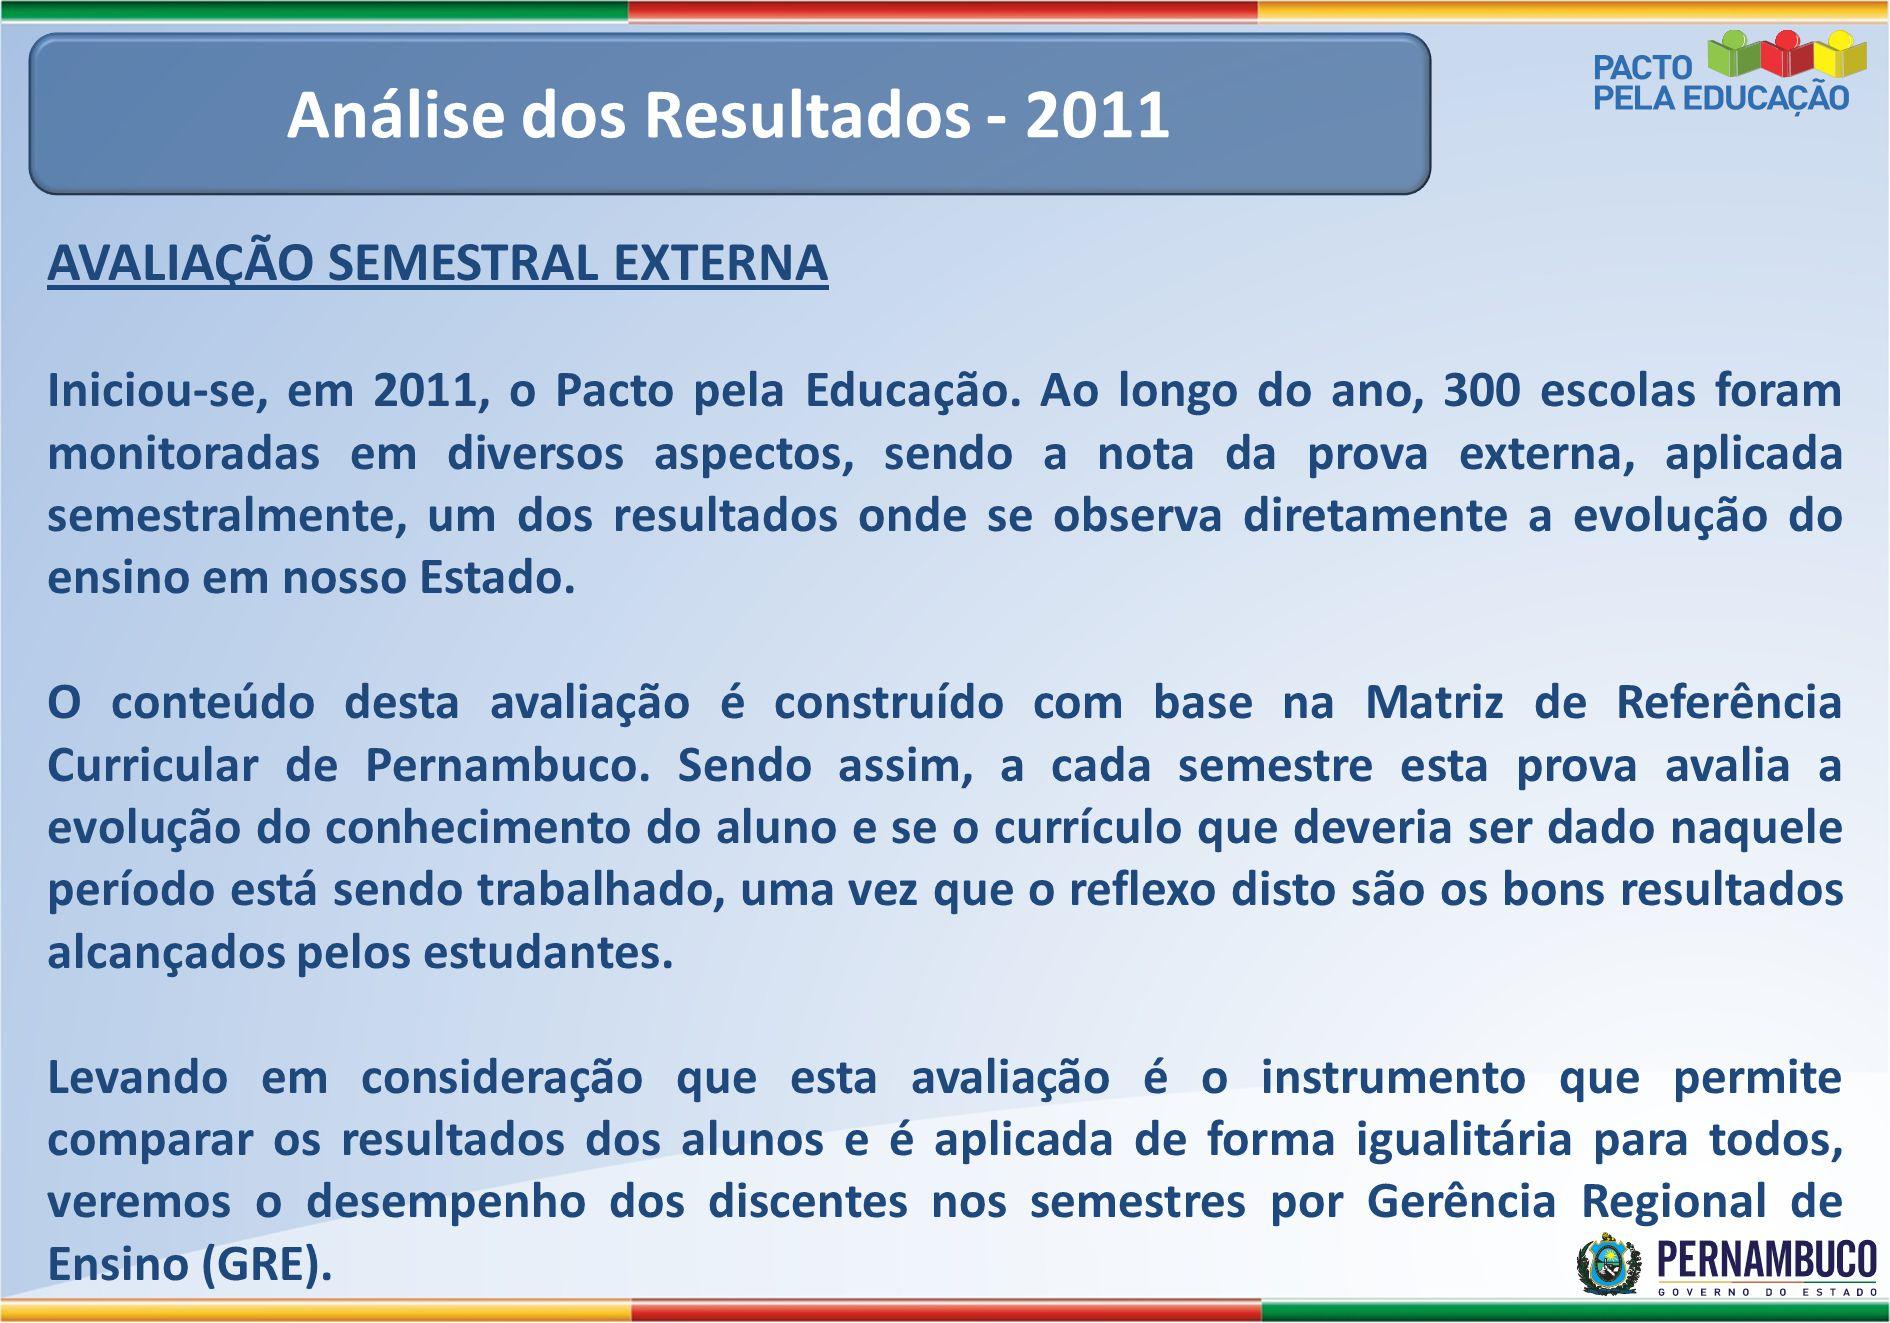 Análise dos Resultados - 2011 AVALIAÇÃO SEMESTRAL EXTERNA Iniciou-se, em 2011, o Pacto pela Educação. Ao longo do ano, 300 escolas foram monitoradas e